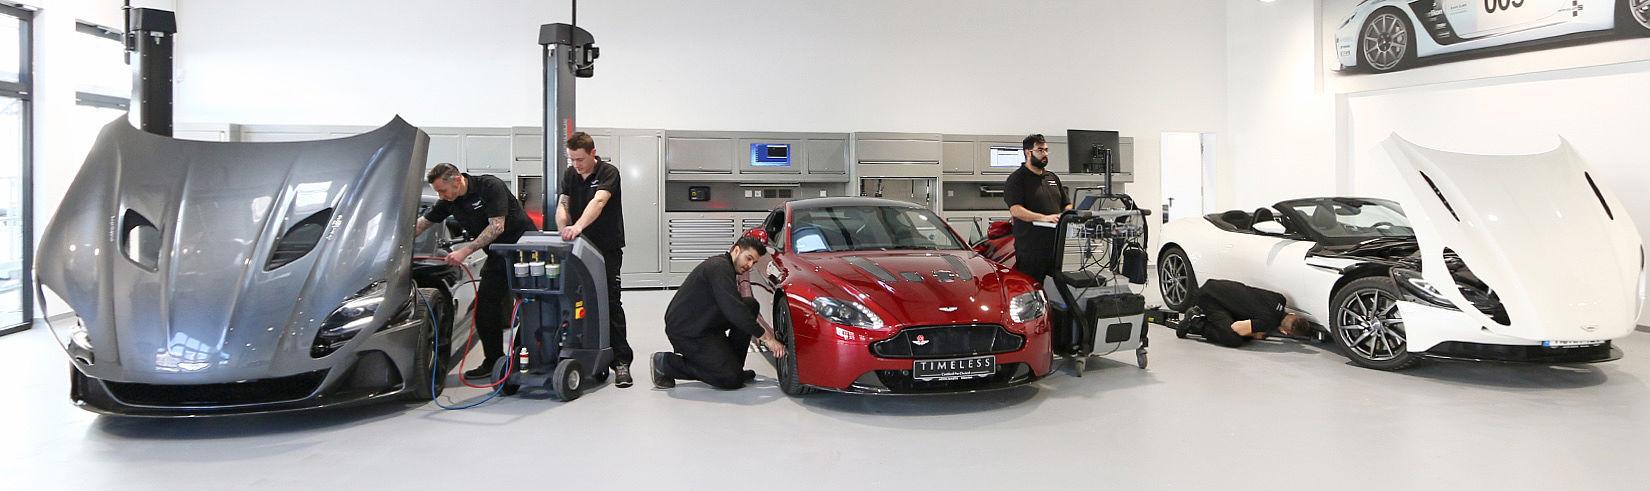 Aston Martin München Service Und Wartung